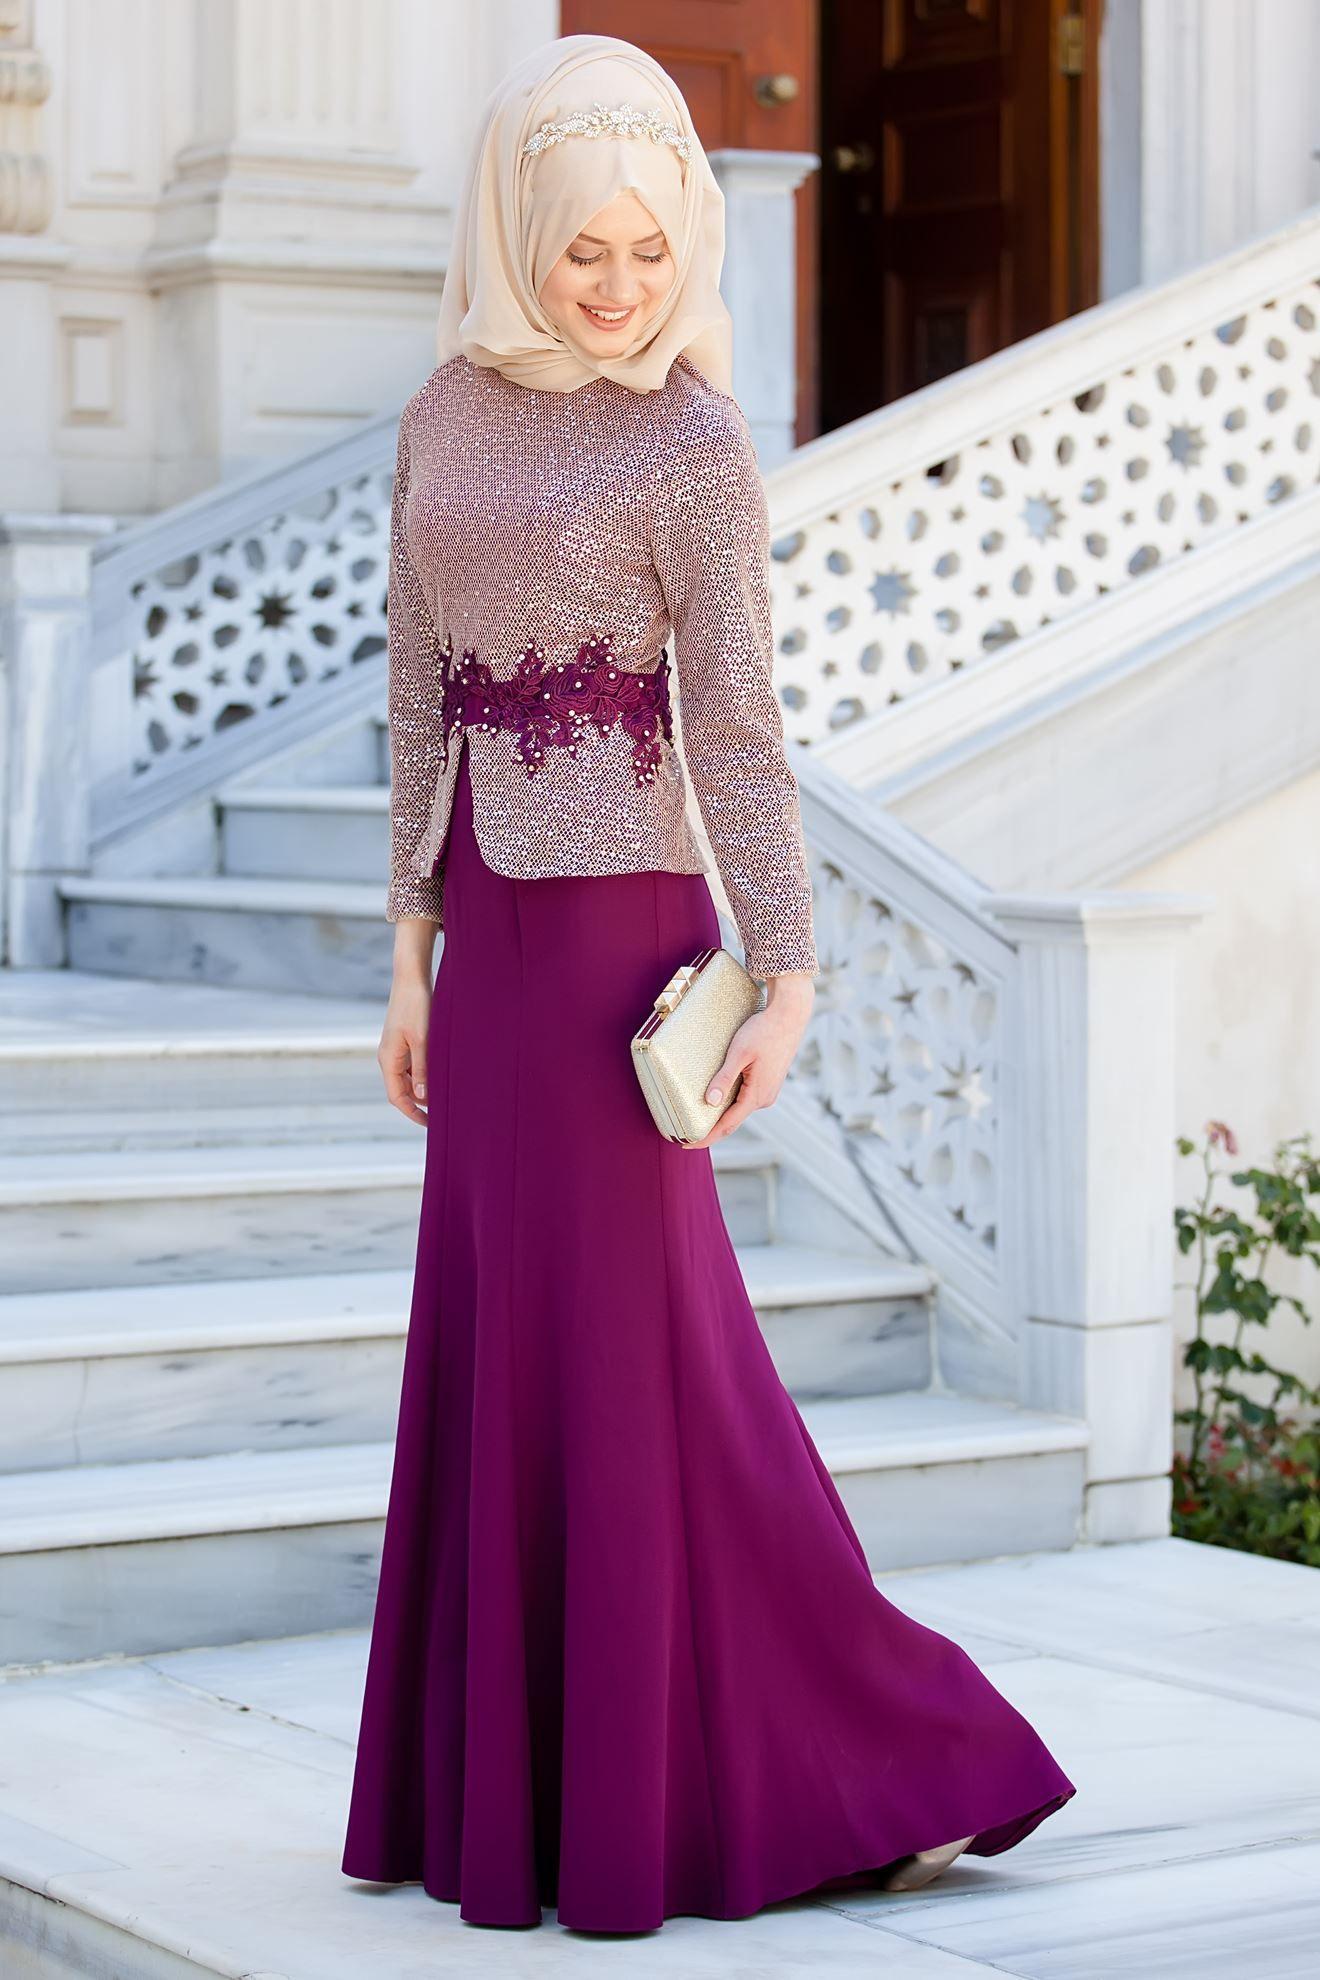 Pullu Tesettur Balik Abiye Modelleri Elbise Modelleri Elbise Moda Stilleri